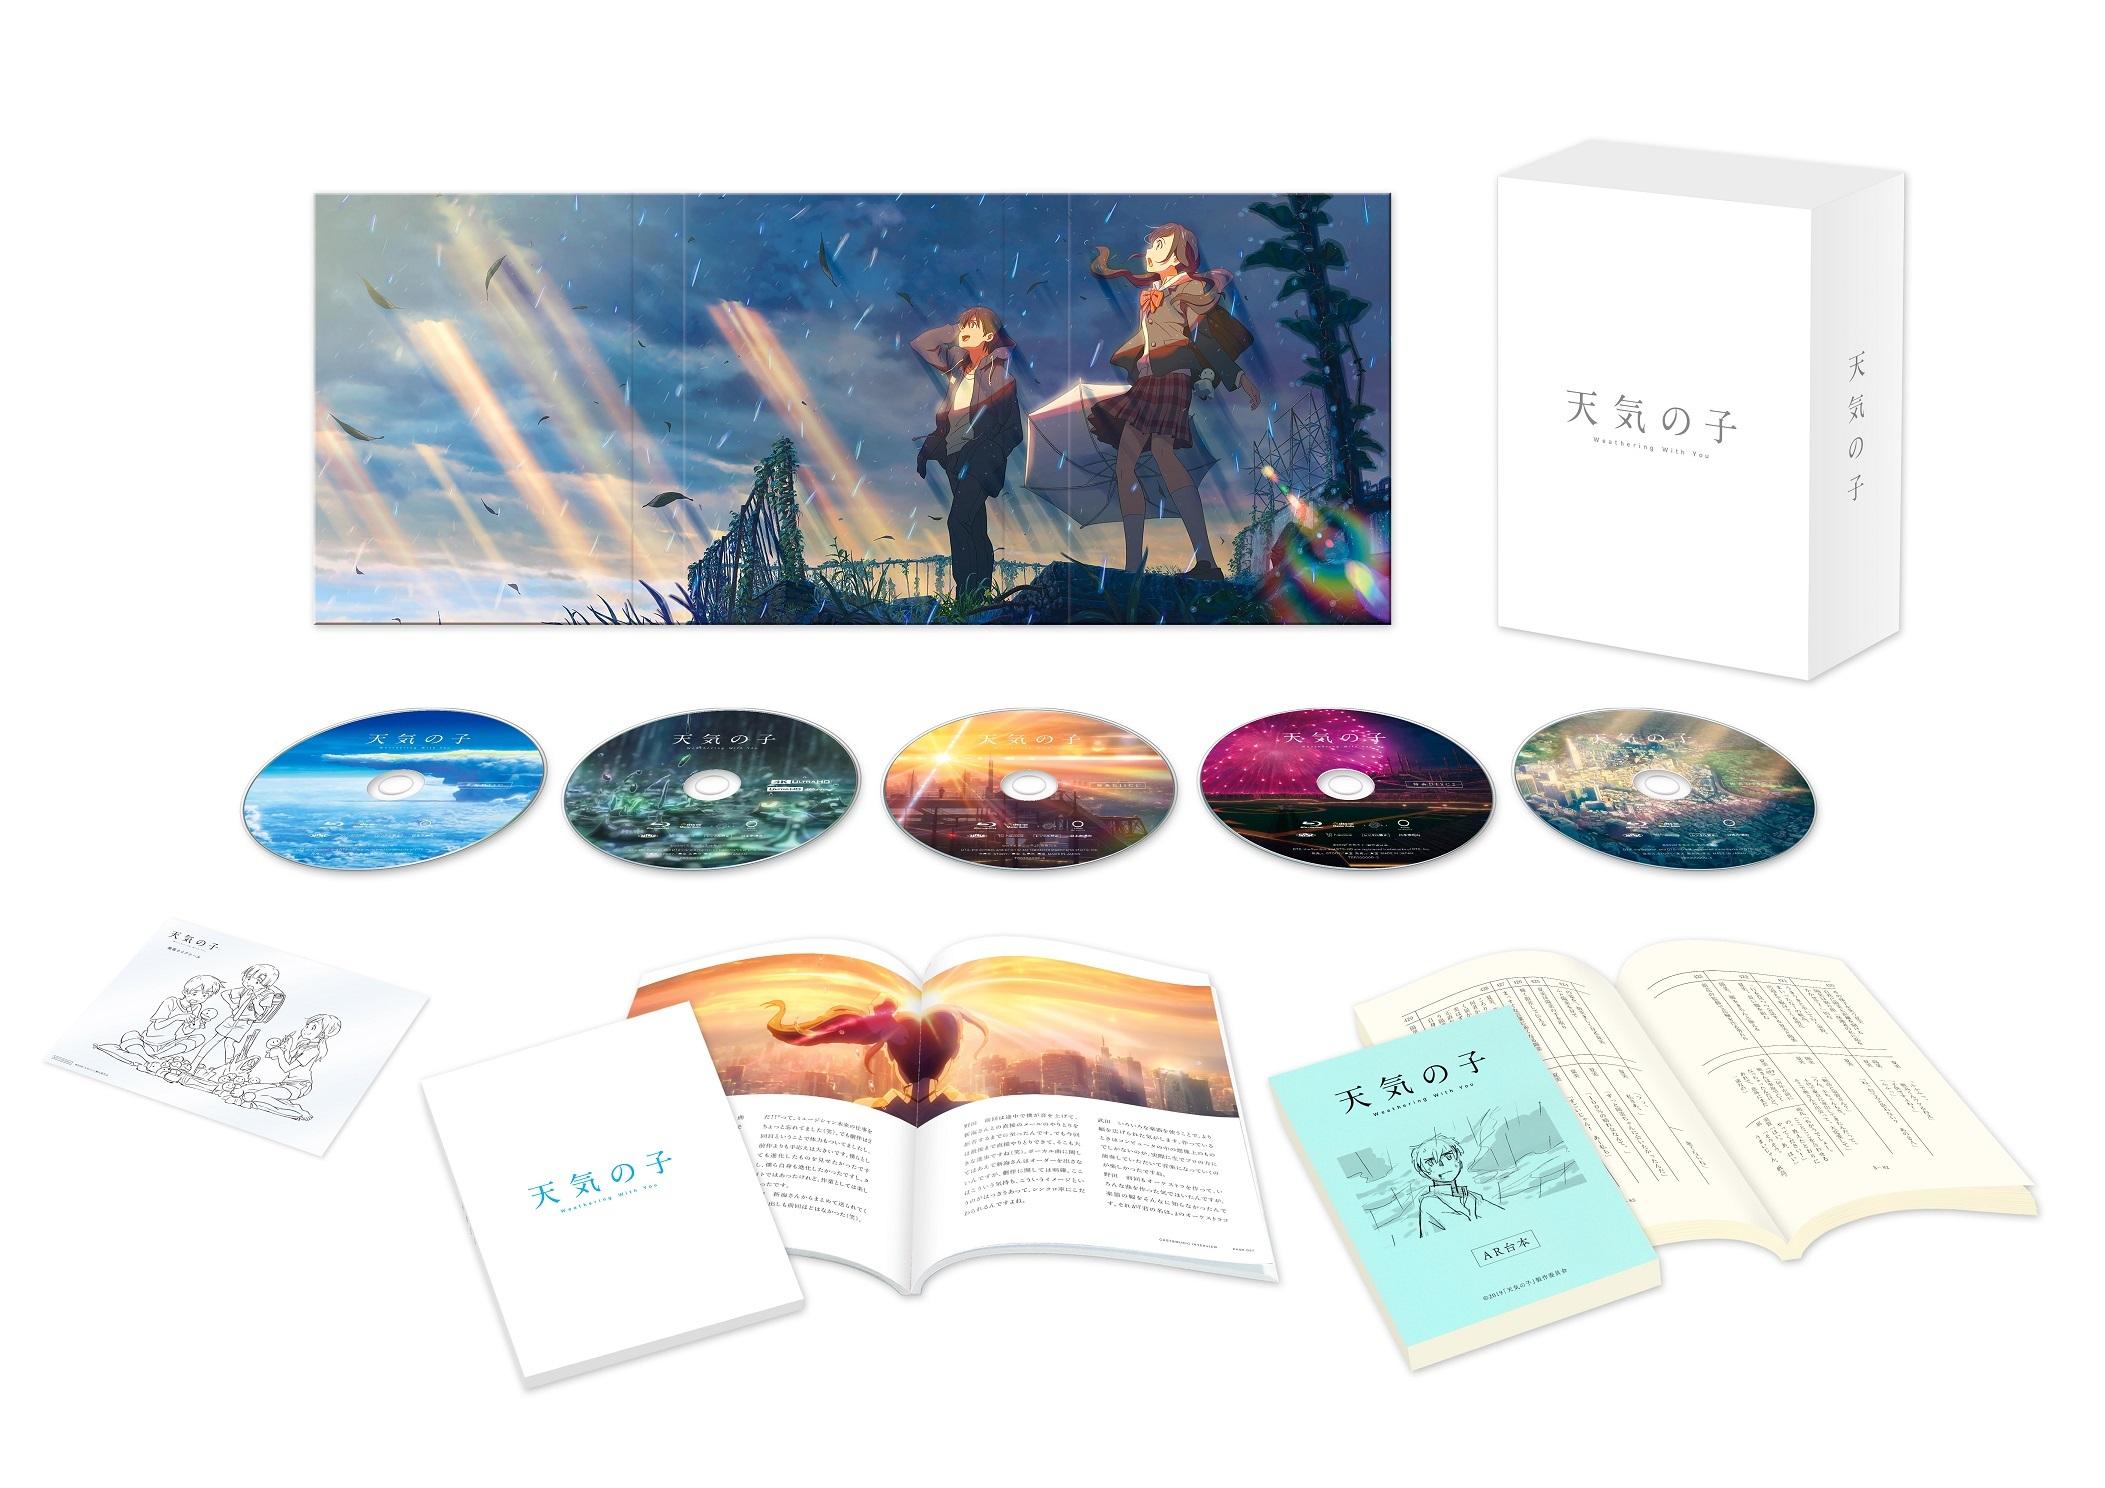 コレクターズ・エディション展開図 (c)2019「天気の子」製作委員会